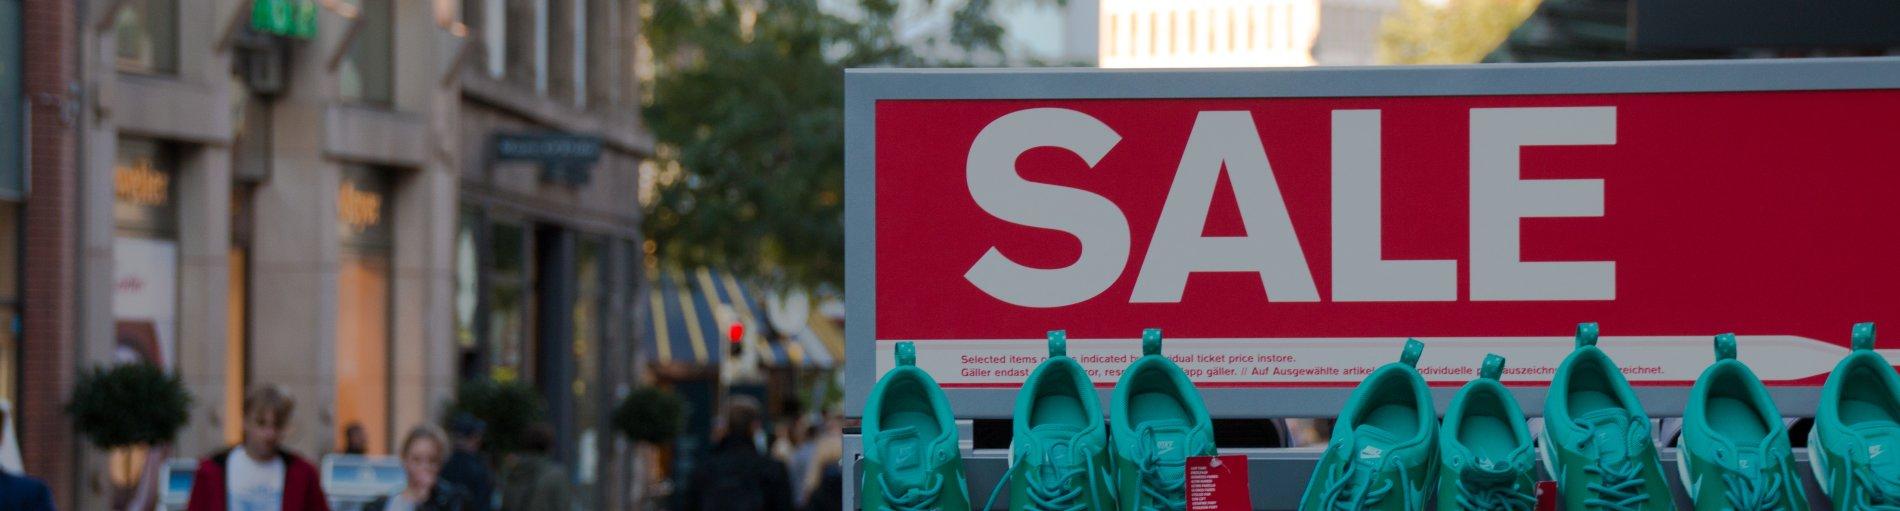 Schuhe auf einem Sale-Stand